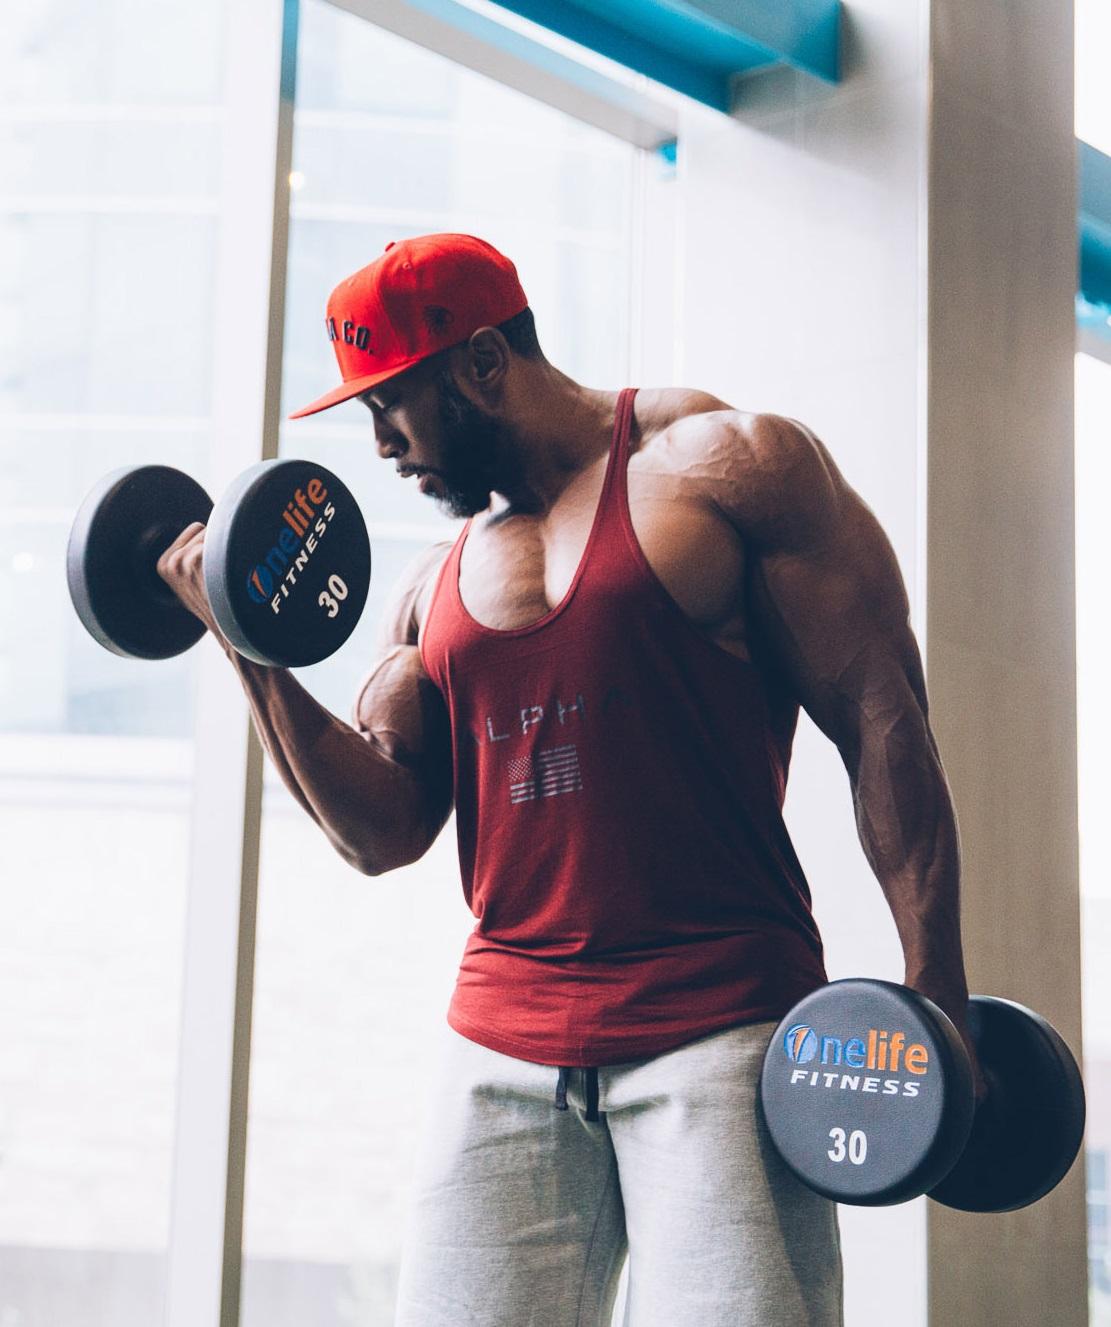 Tìm hiểu về Gym – Những ai nên đi tập Gym, Thể hình